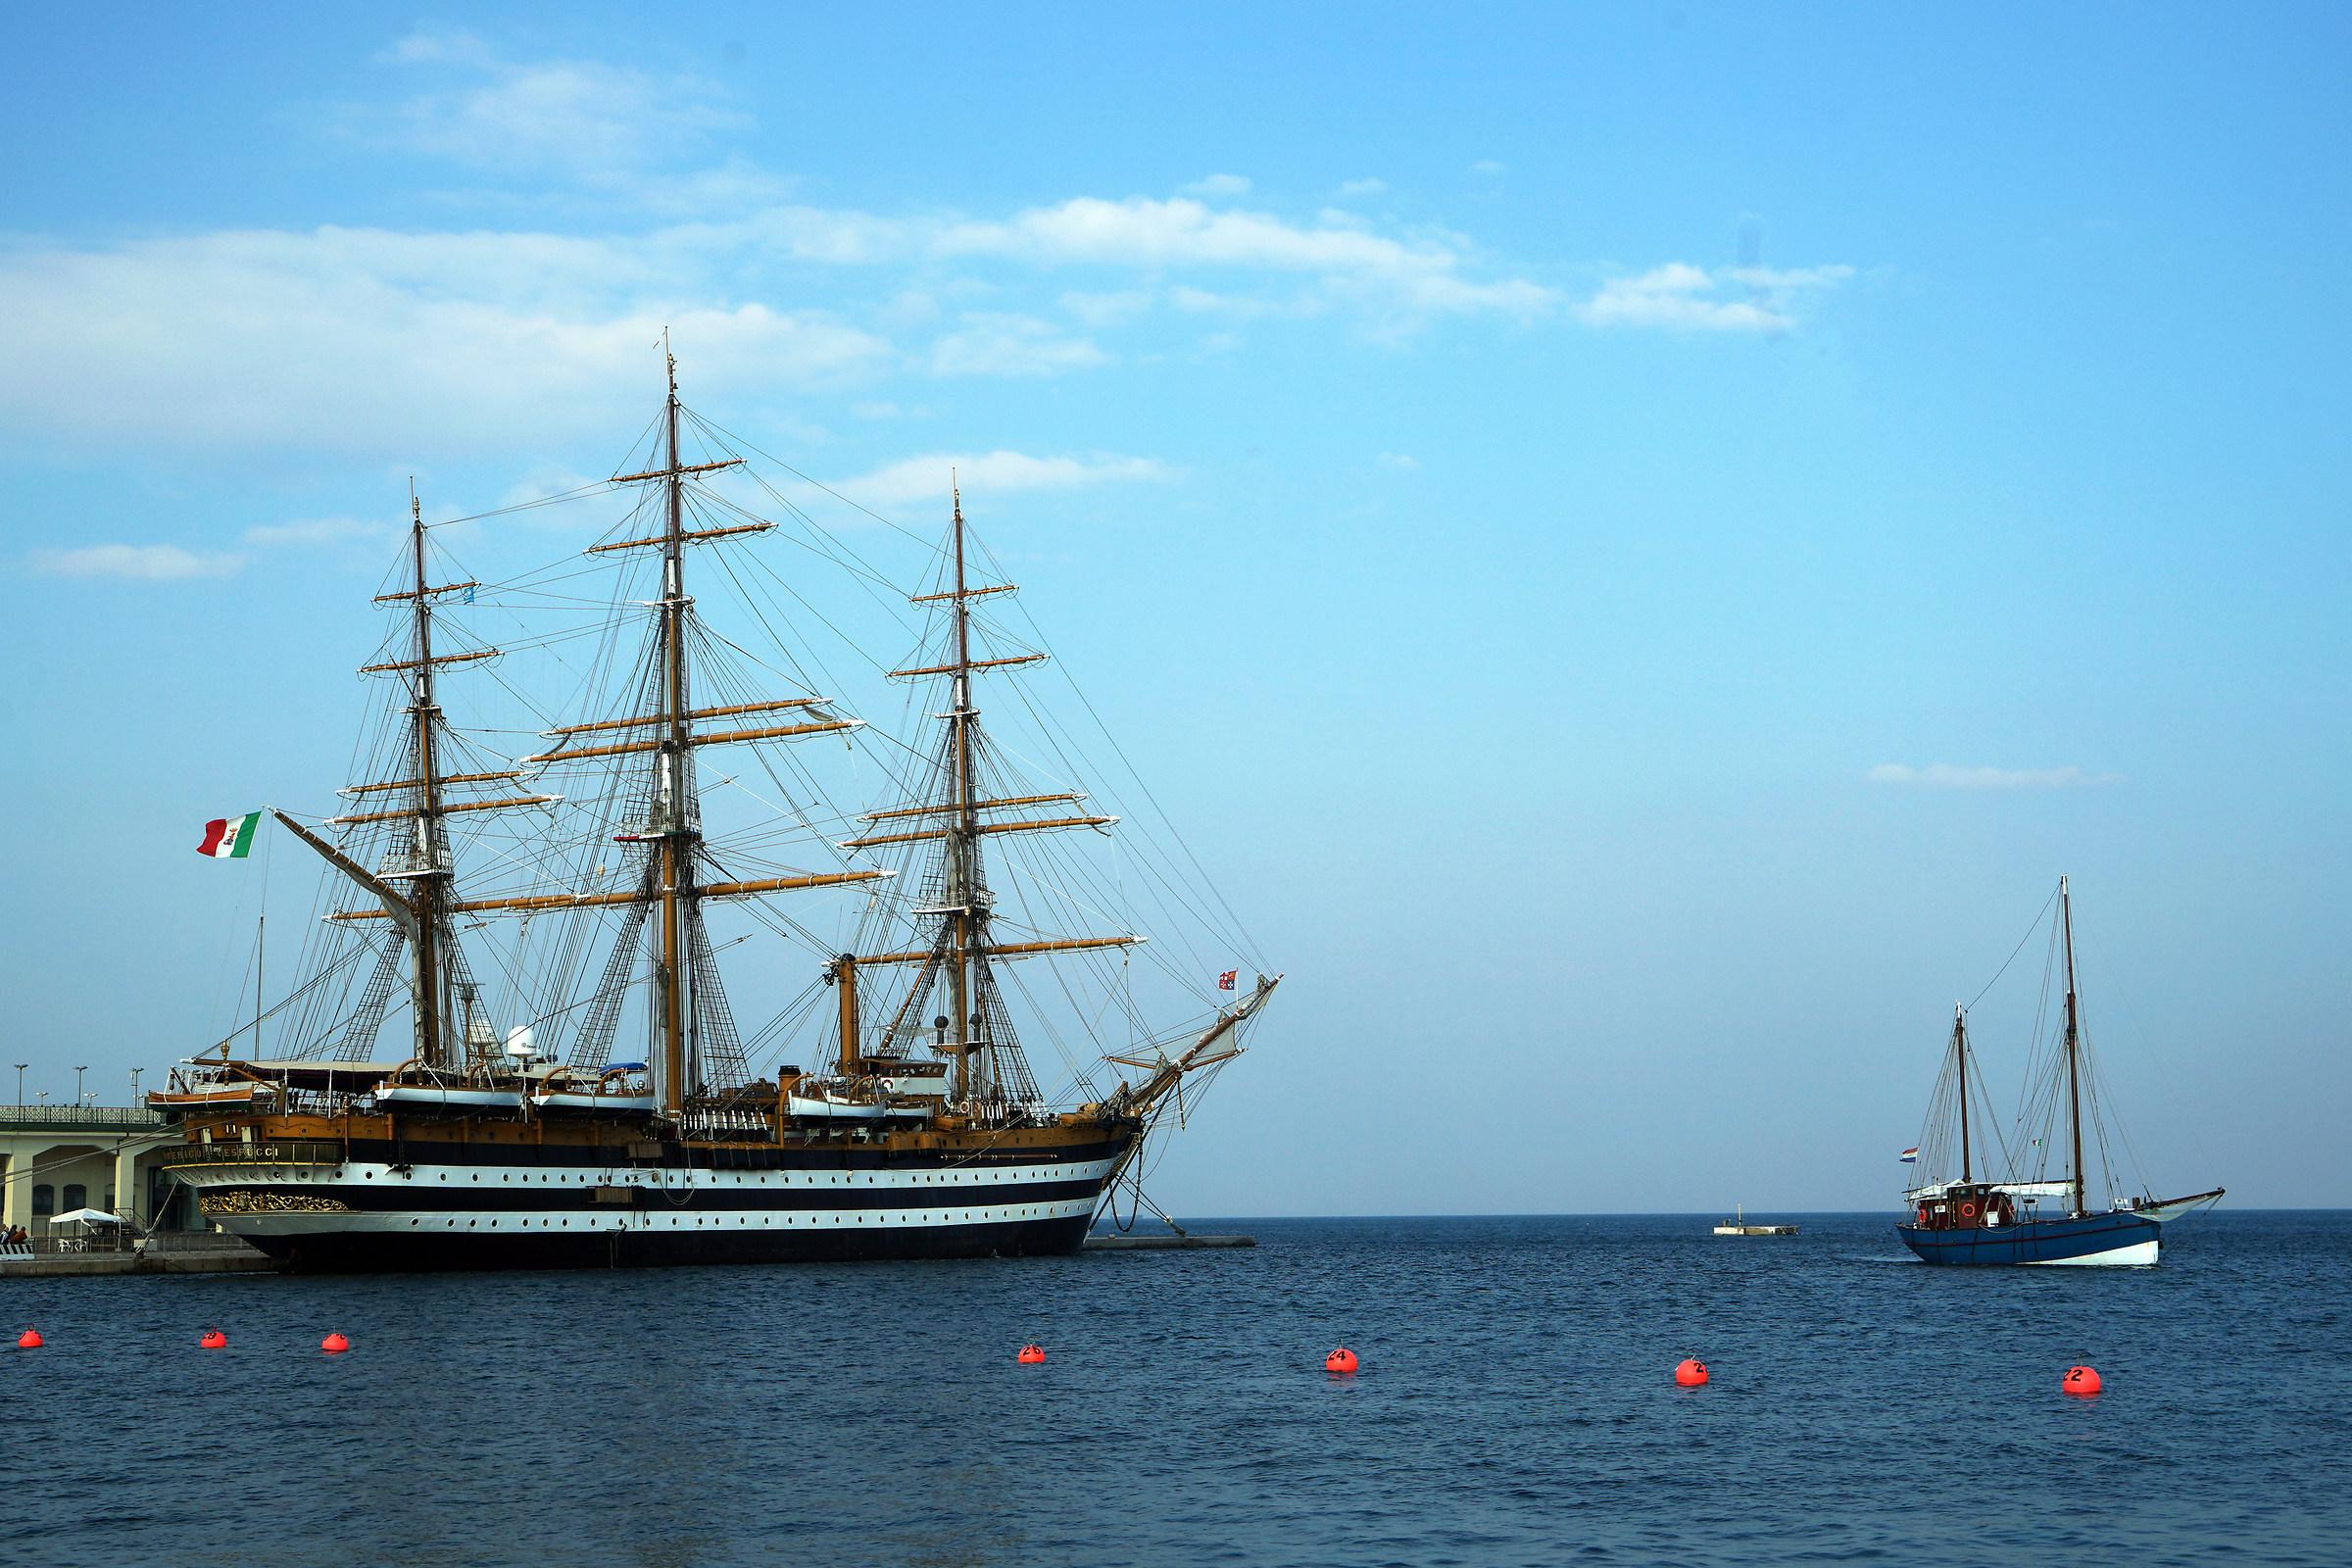 L'Amerigo Vespucci alla Barcolana a Trieste...